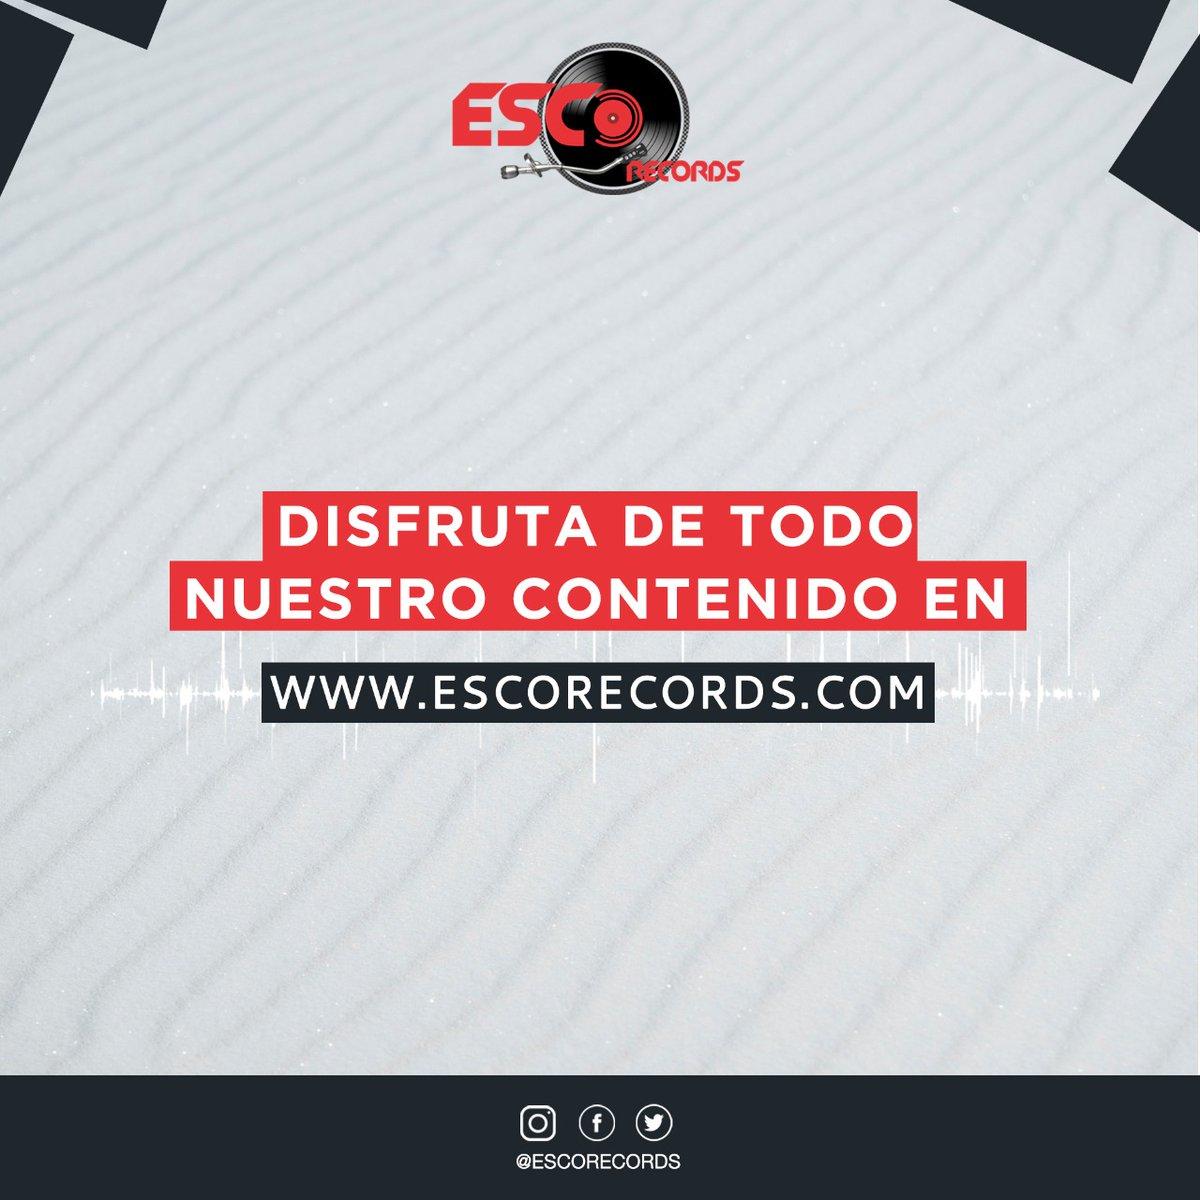 Encuentra nuestros ultimos lanzamientos y mucho más en http://www.escorecords.com pic.twitter.com/g5Hqa1lNca